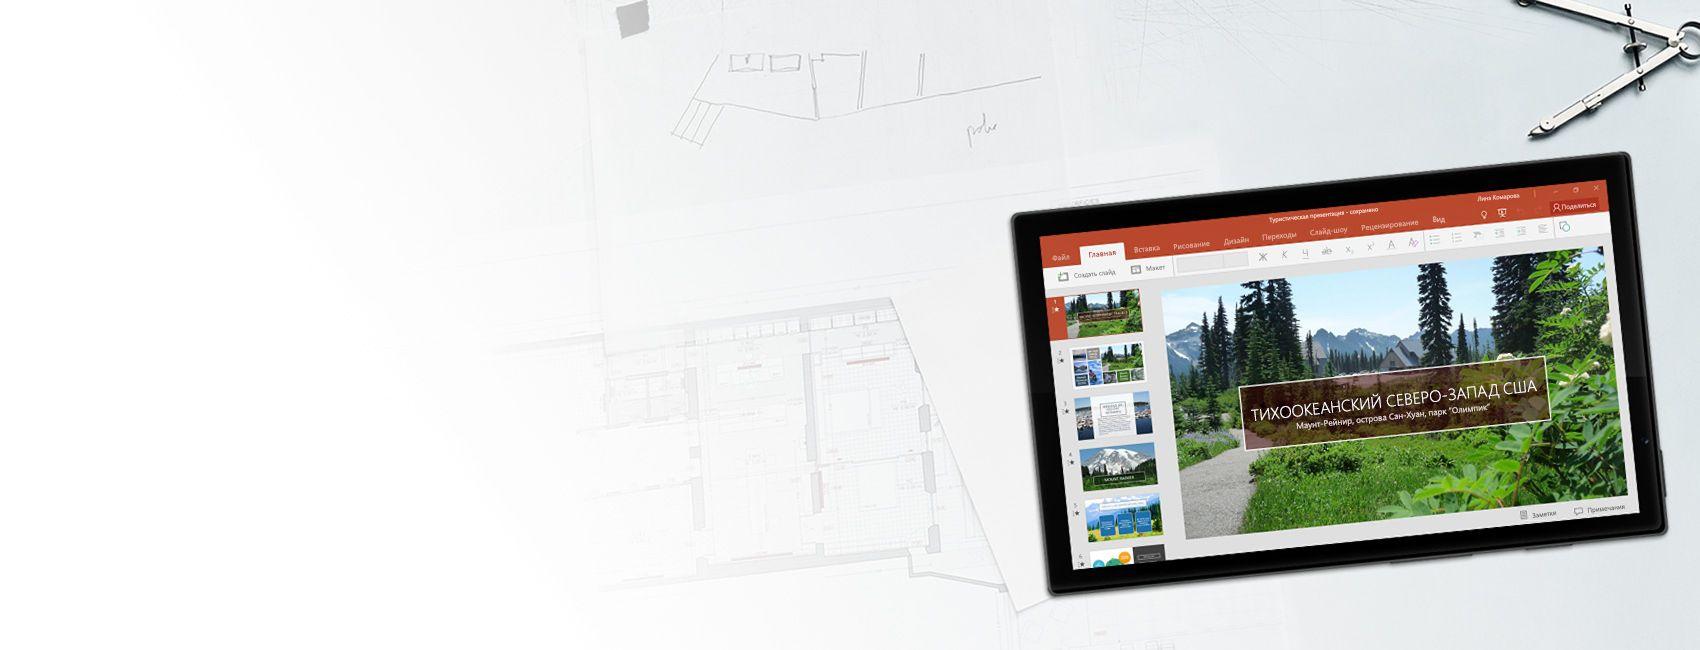 Планшет с Windows, на экране которого— презентация PowerPoint для Windows10 Mobile, посвященная путешествиям по северо-западному тихоокеанскому побережью.